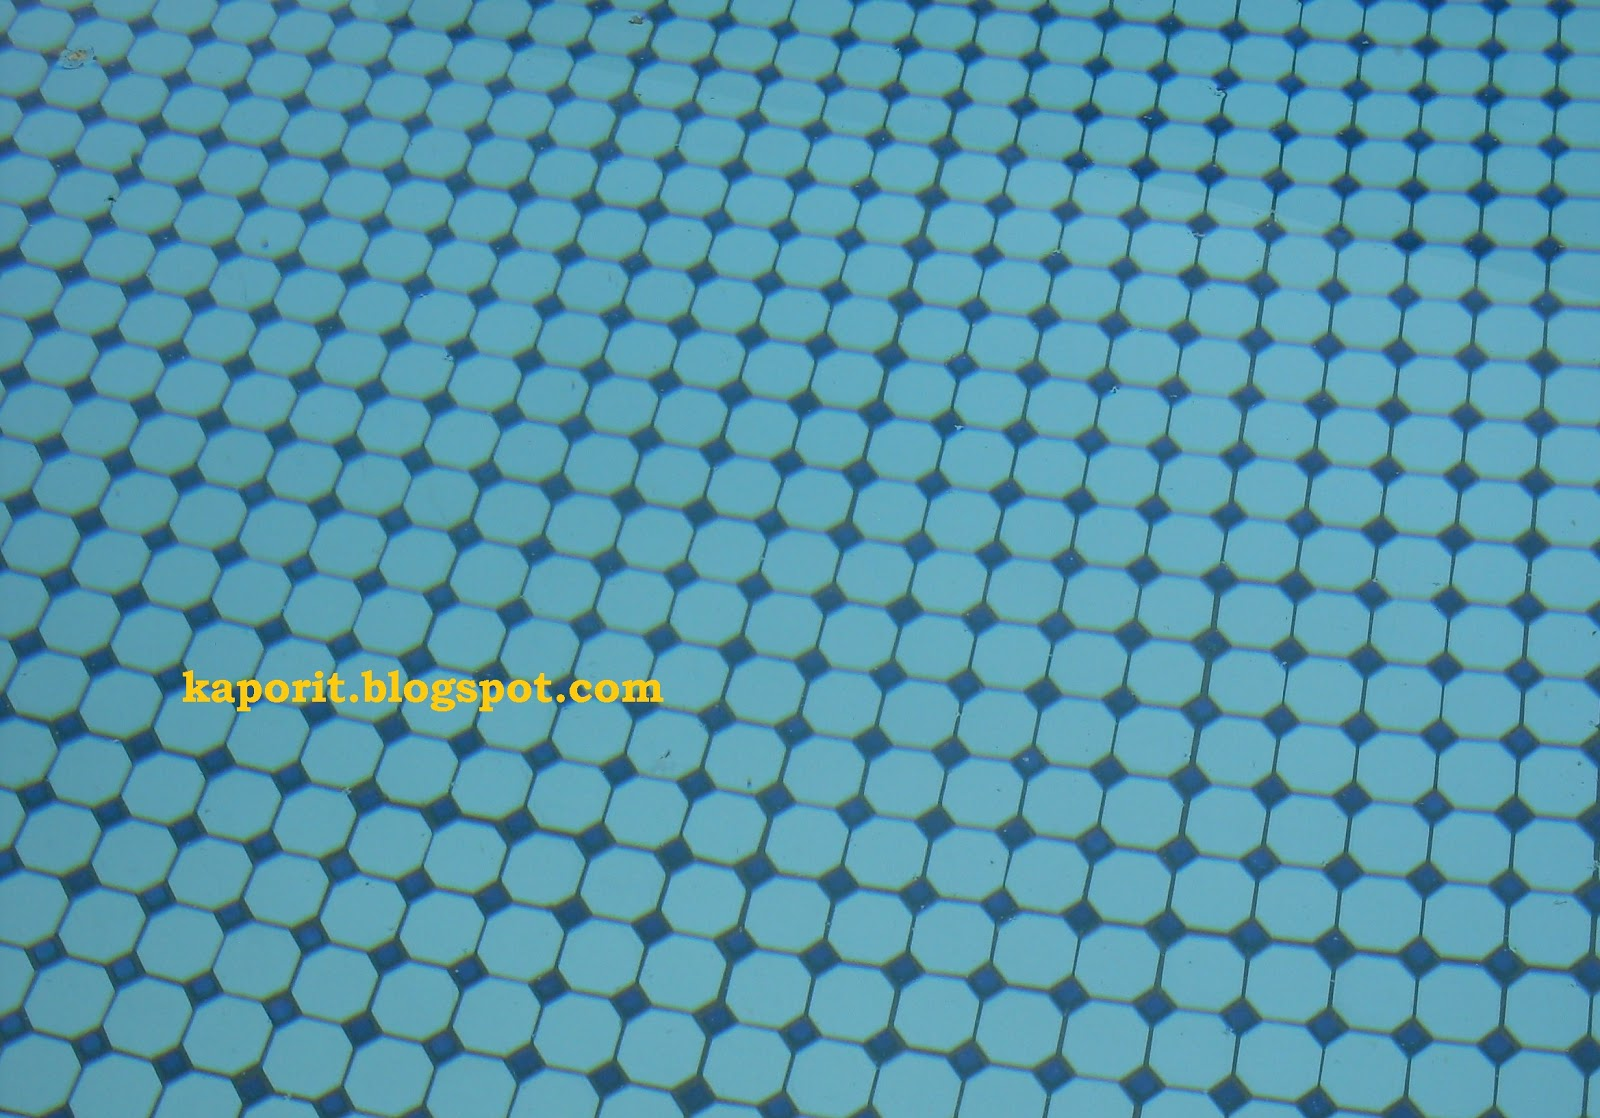 2012 Pool Maintenance Klorinator Tempat Melarutkan Kaporit Tips Membangun Kolam Renang